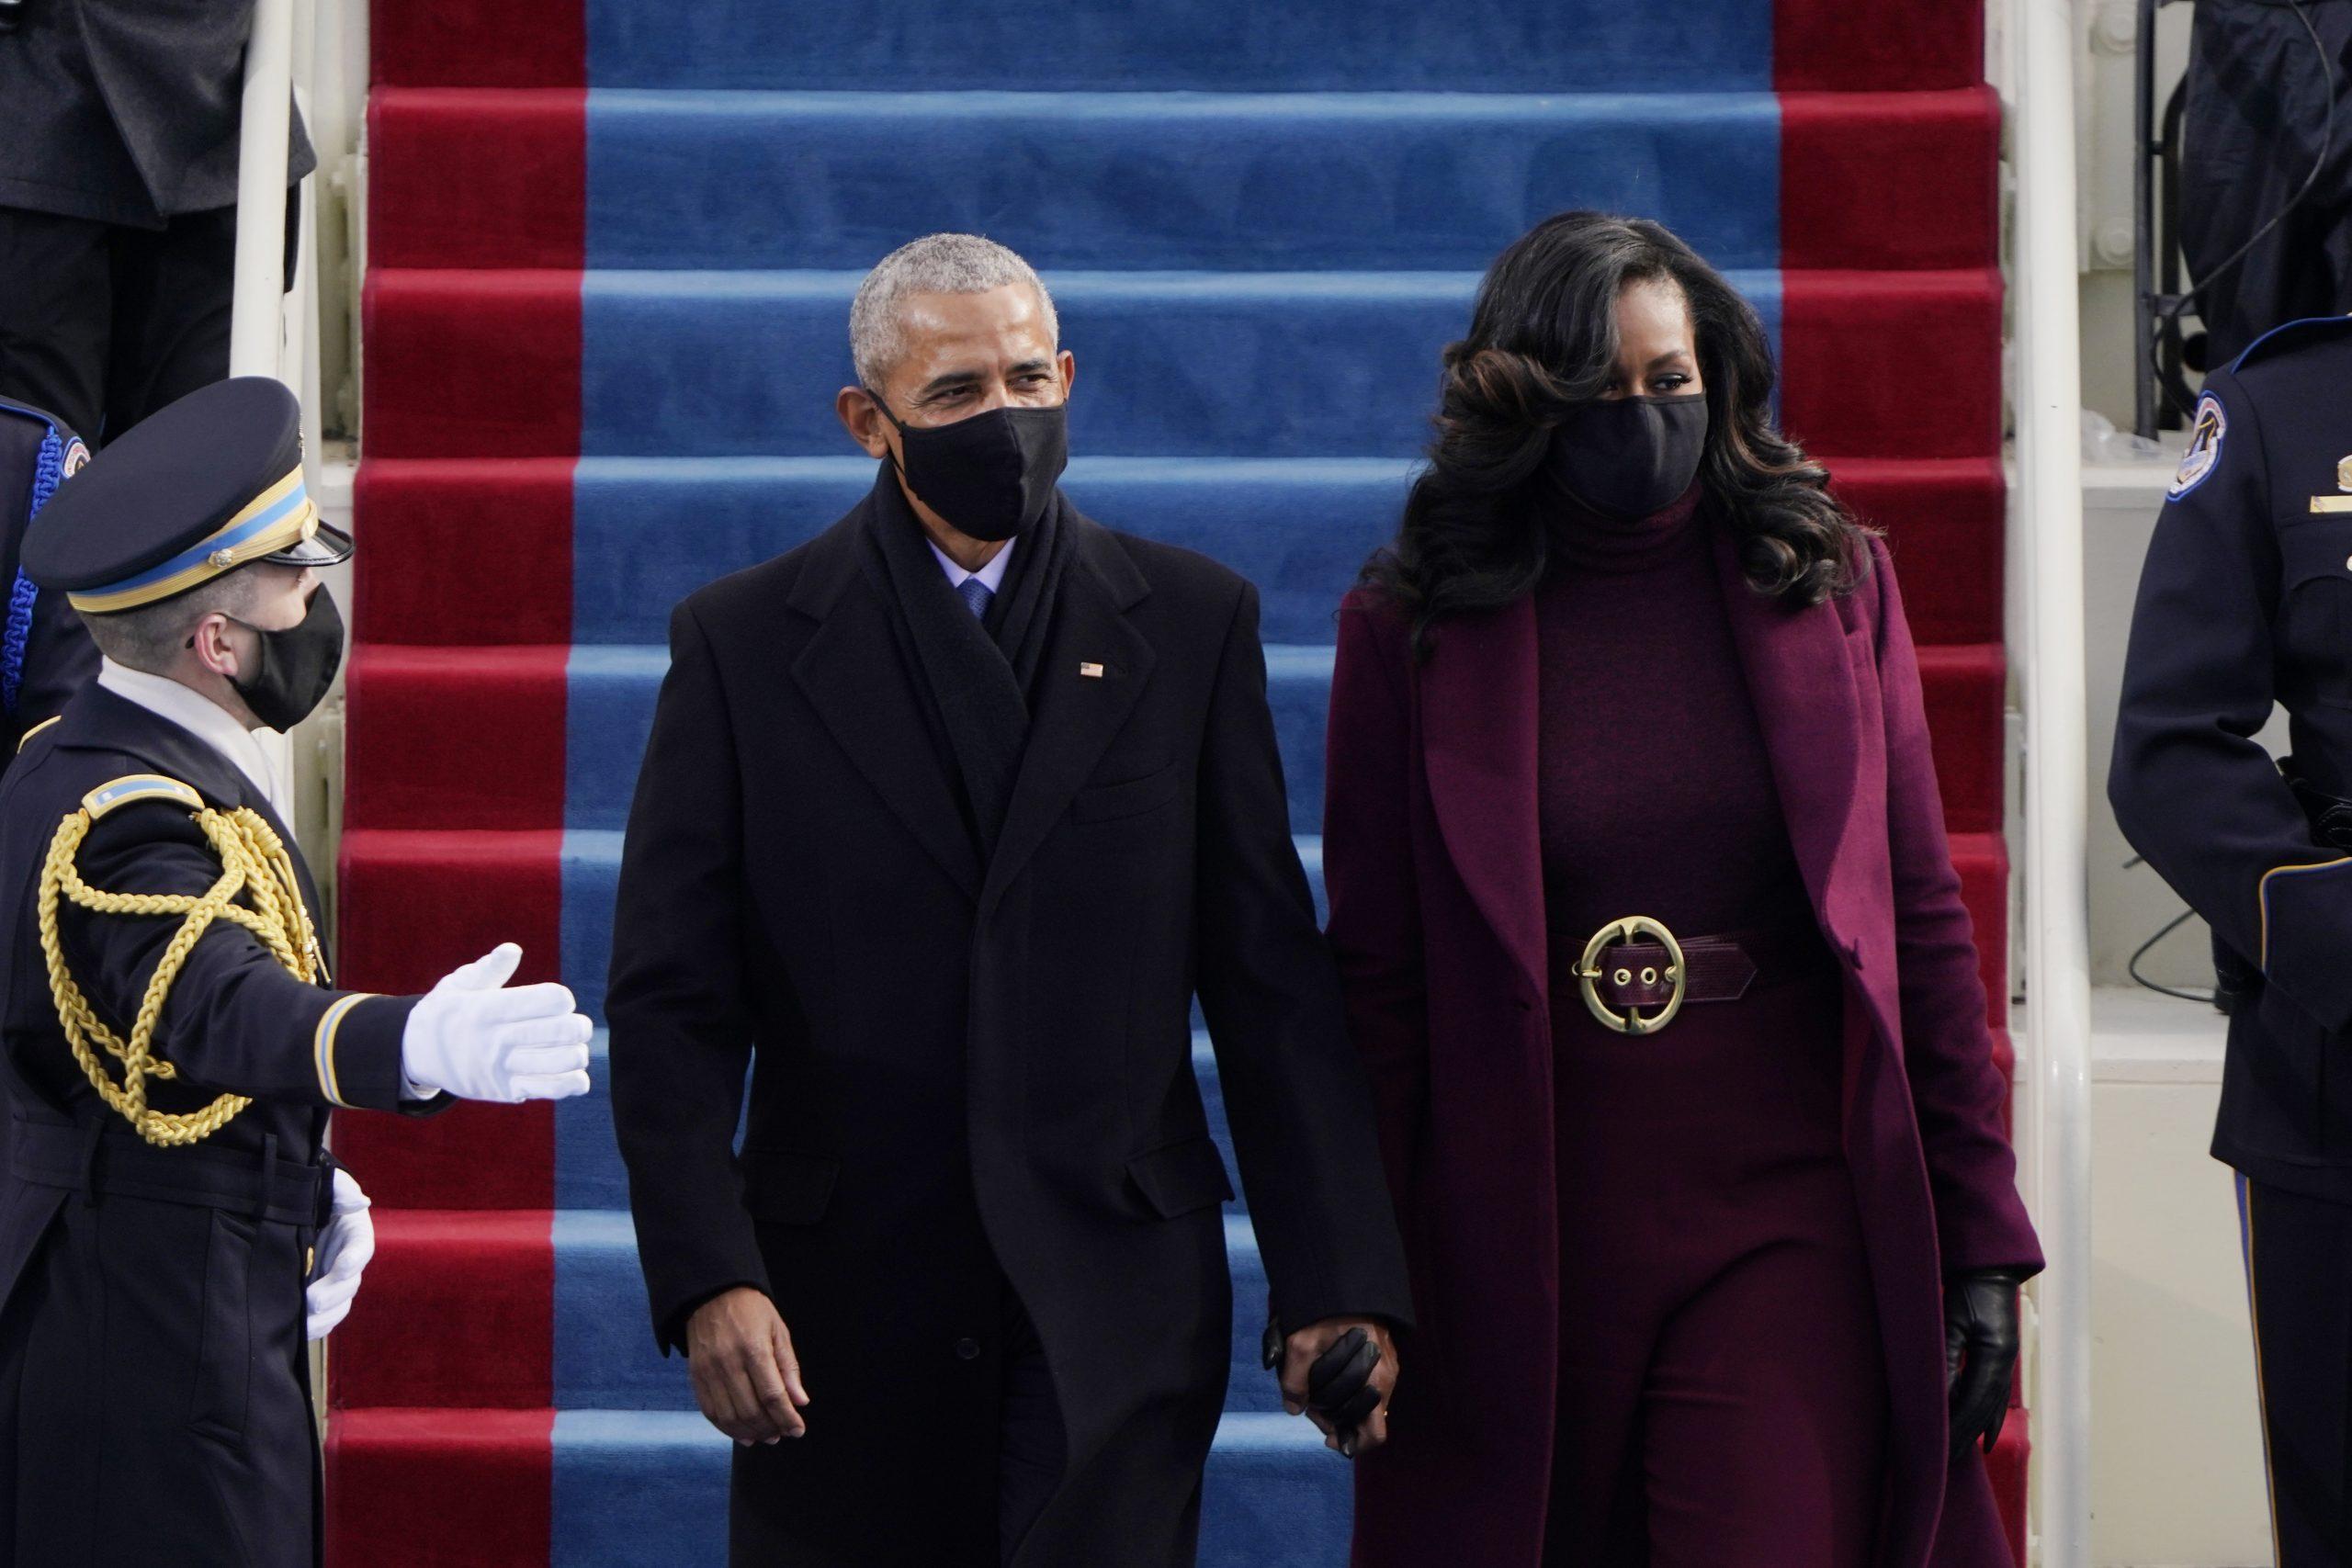 Gisteren was het dan eindelijk zover: de inauguratie van Joe Biden en Kamala Harris. Ondanks dat het publiek door de rellen op 6 januari en het coronavirus veel kleiner was dan normaal, waren de belangrijkste politieke figuren aanwezig om dit historische moment bij te wonen. En dat deden ze in stijl.